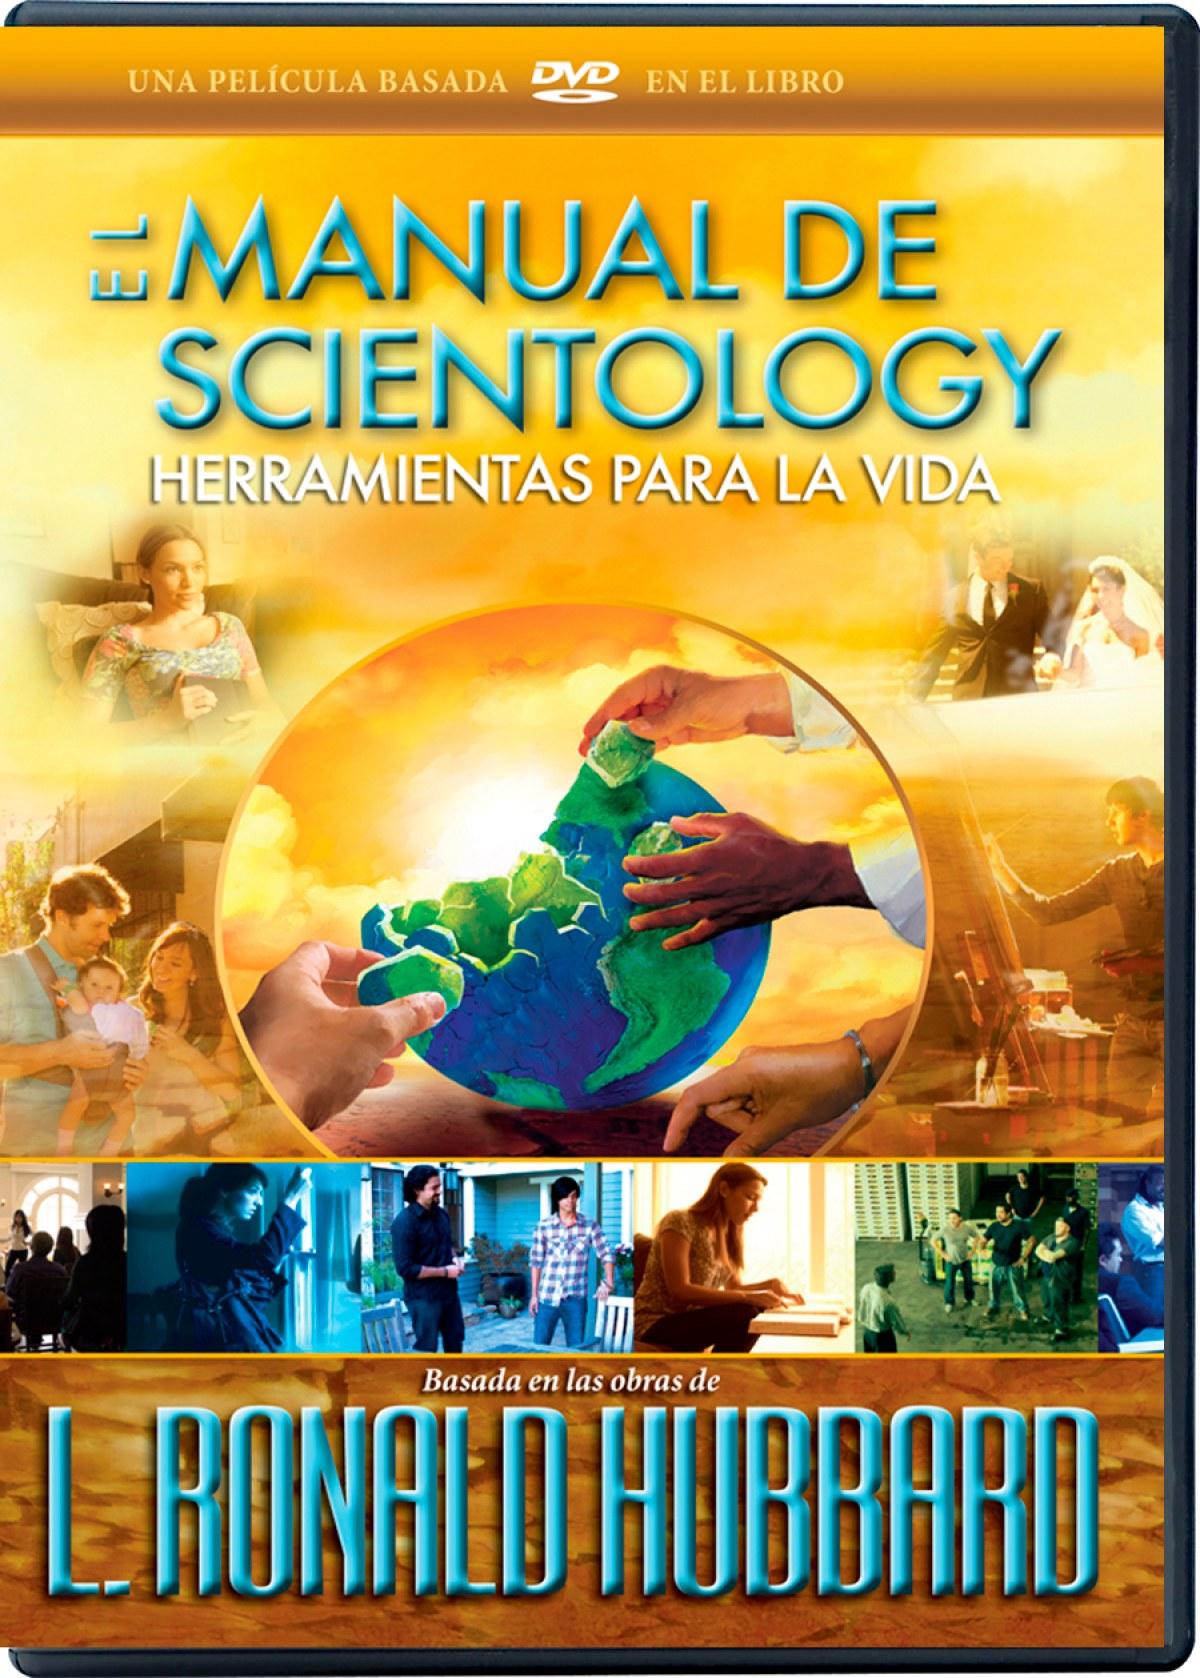 El manual de scientology (DVD) 9781457214578